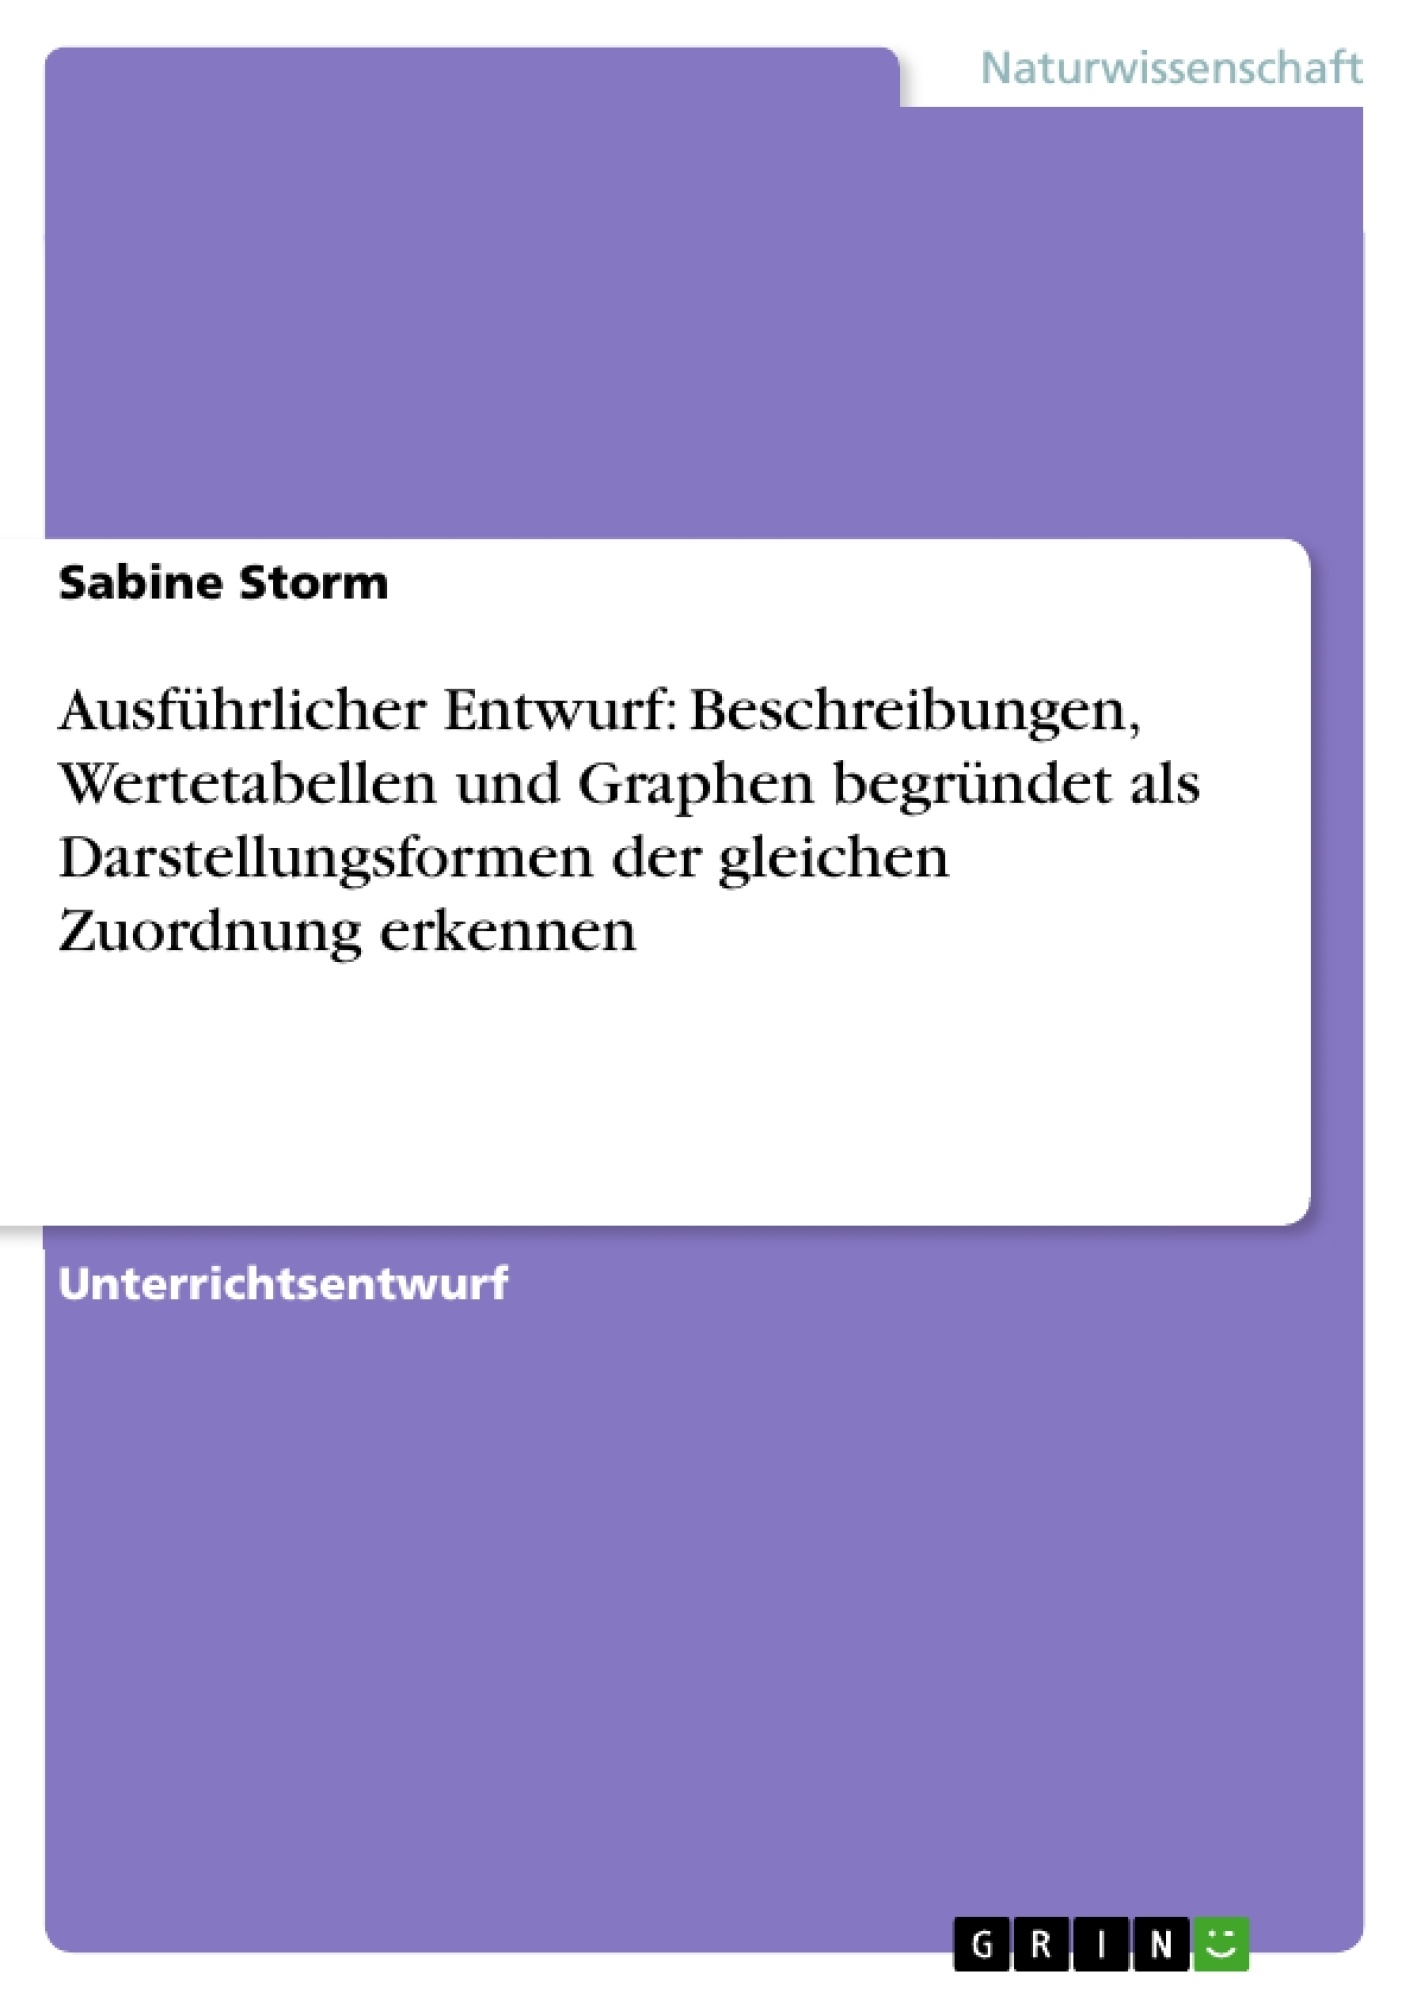 Titel: Ausführlicher Entwurf: Beschreibungen, Wertetabellen und Graphen begründet als Darstellungsformen  der gleichen Zuordnung erkennen